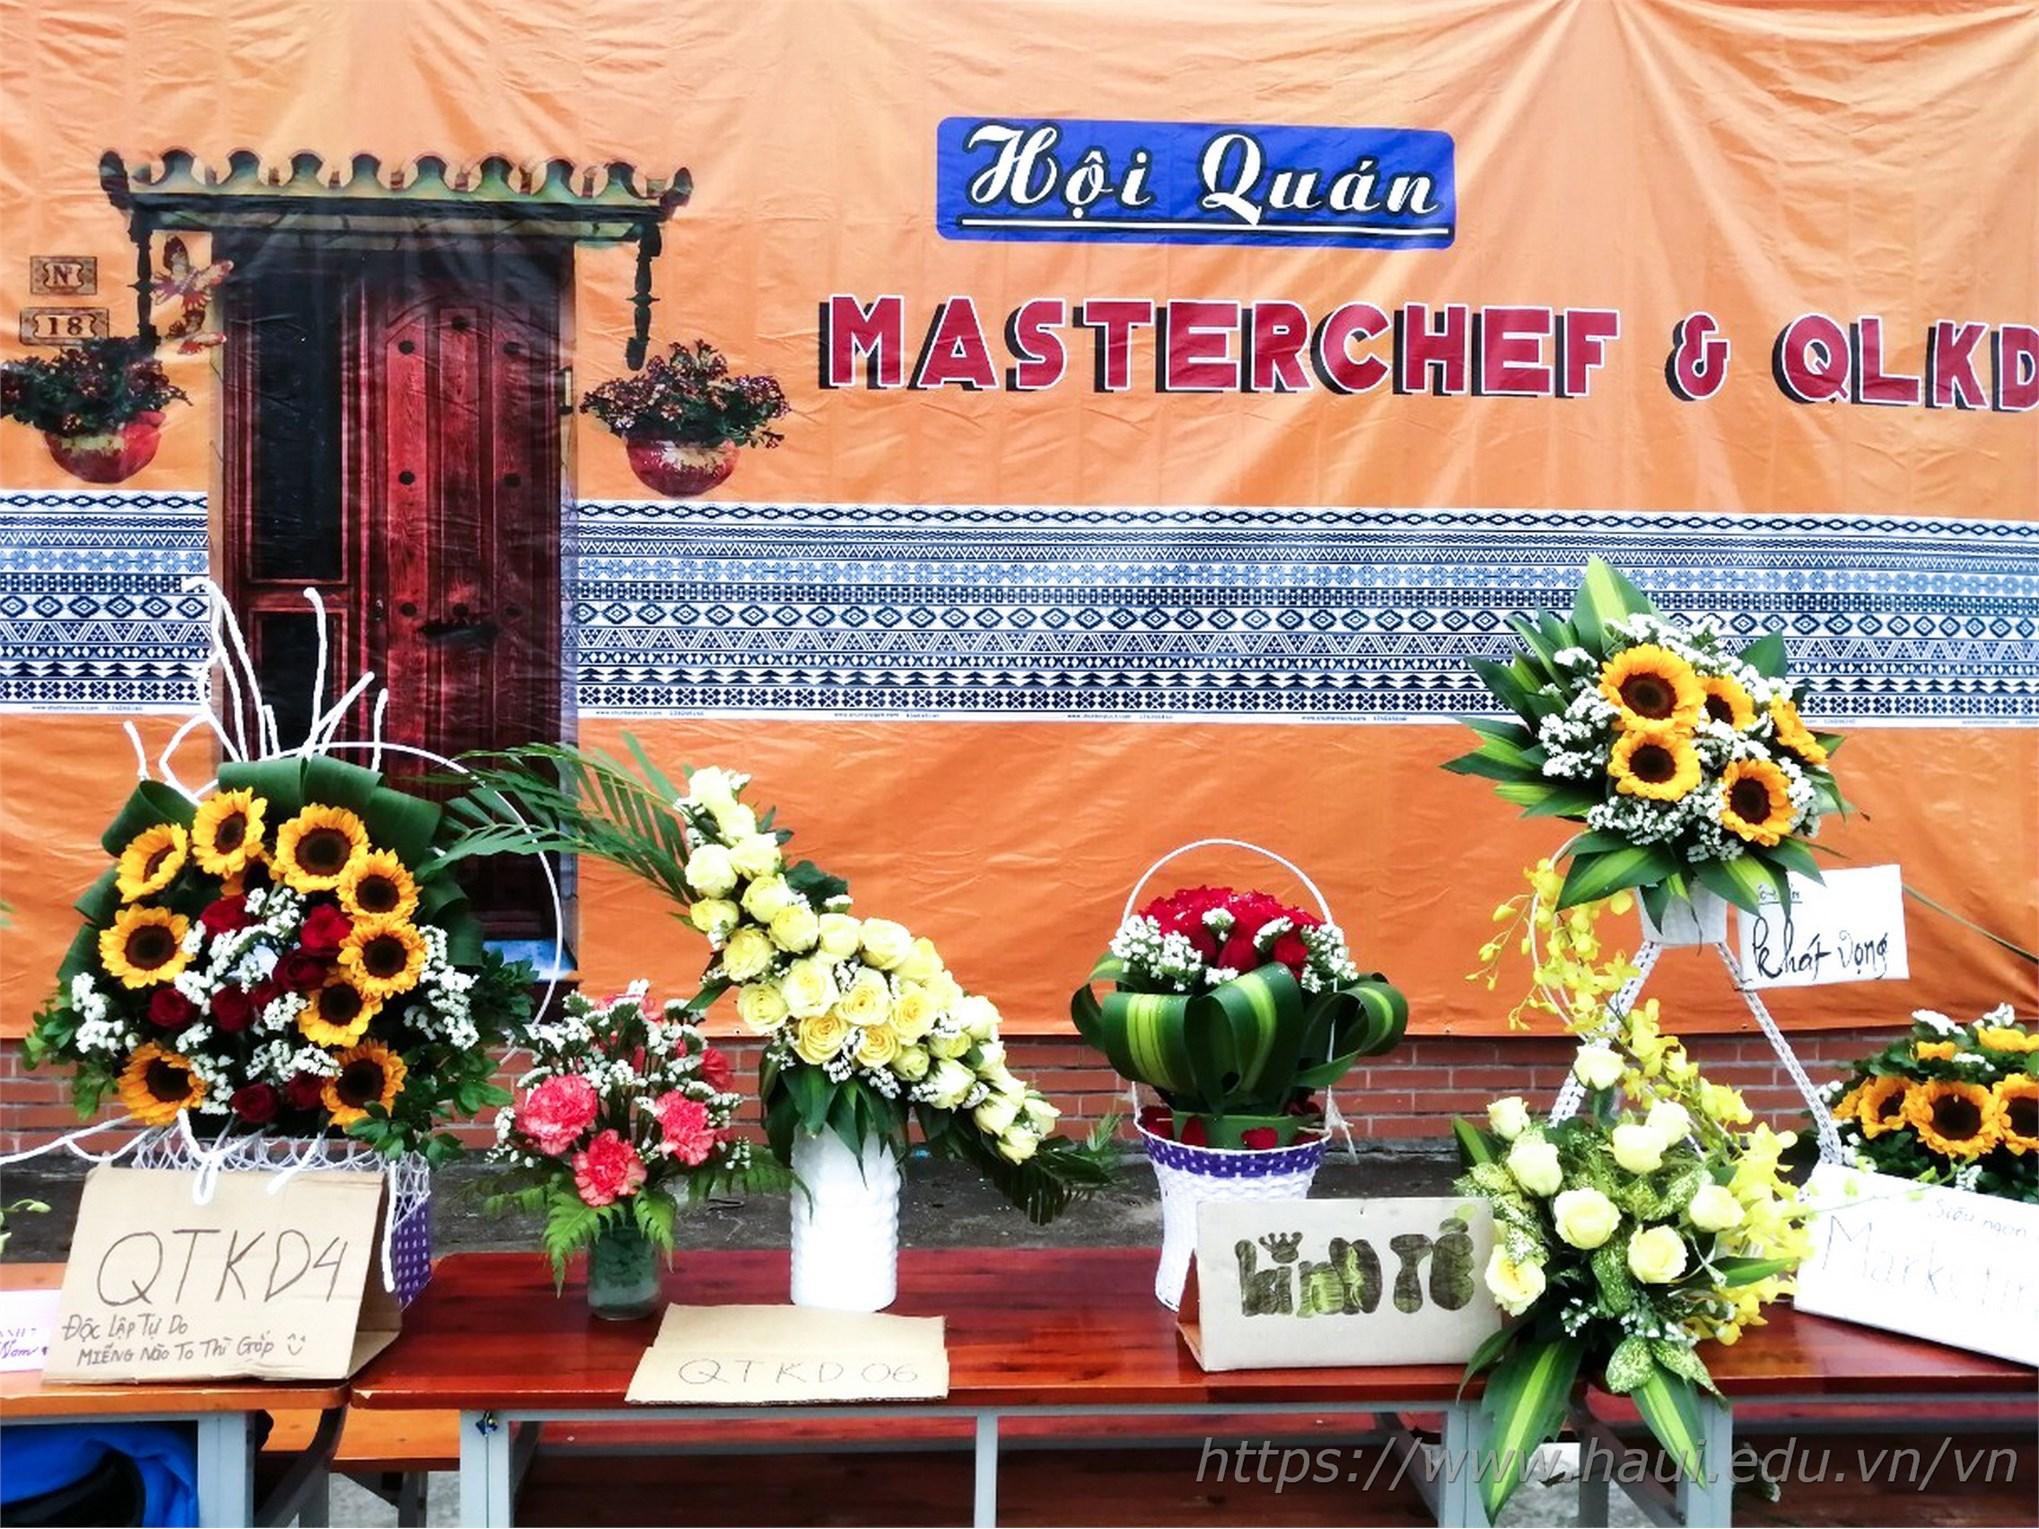 Sôi nổi các hoạt động sinh viên chào mừng 88 năm ngày thành lập Đoàn TNCS Hồ Chí Minh (26/3/1931 - 26/3/2019)